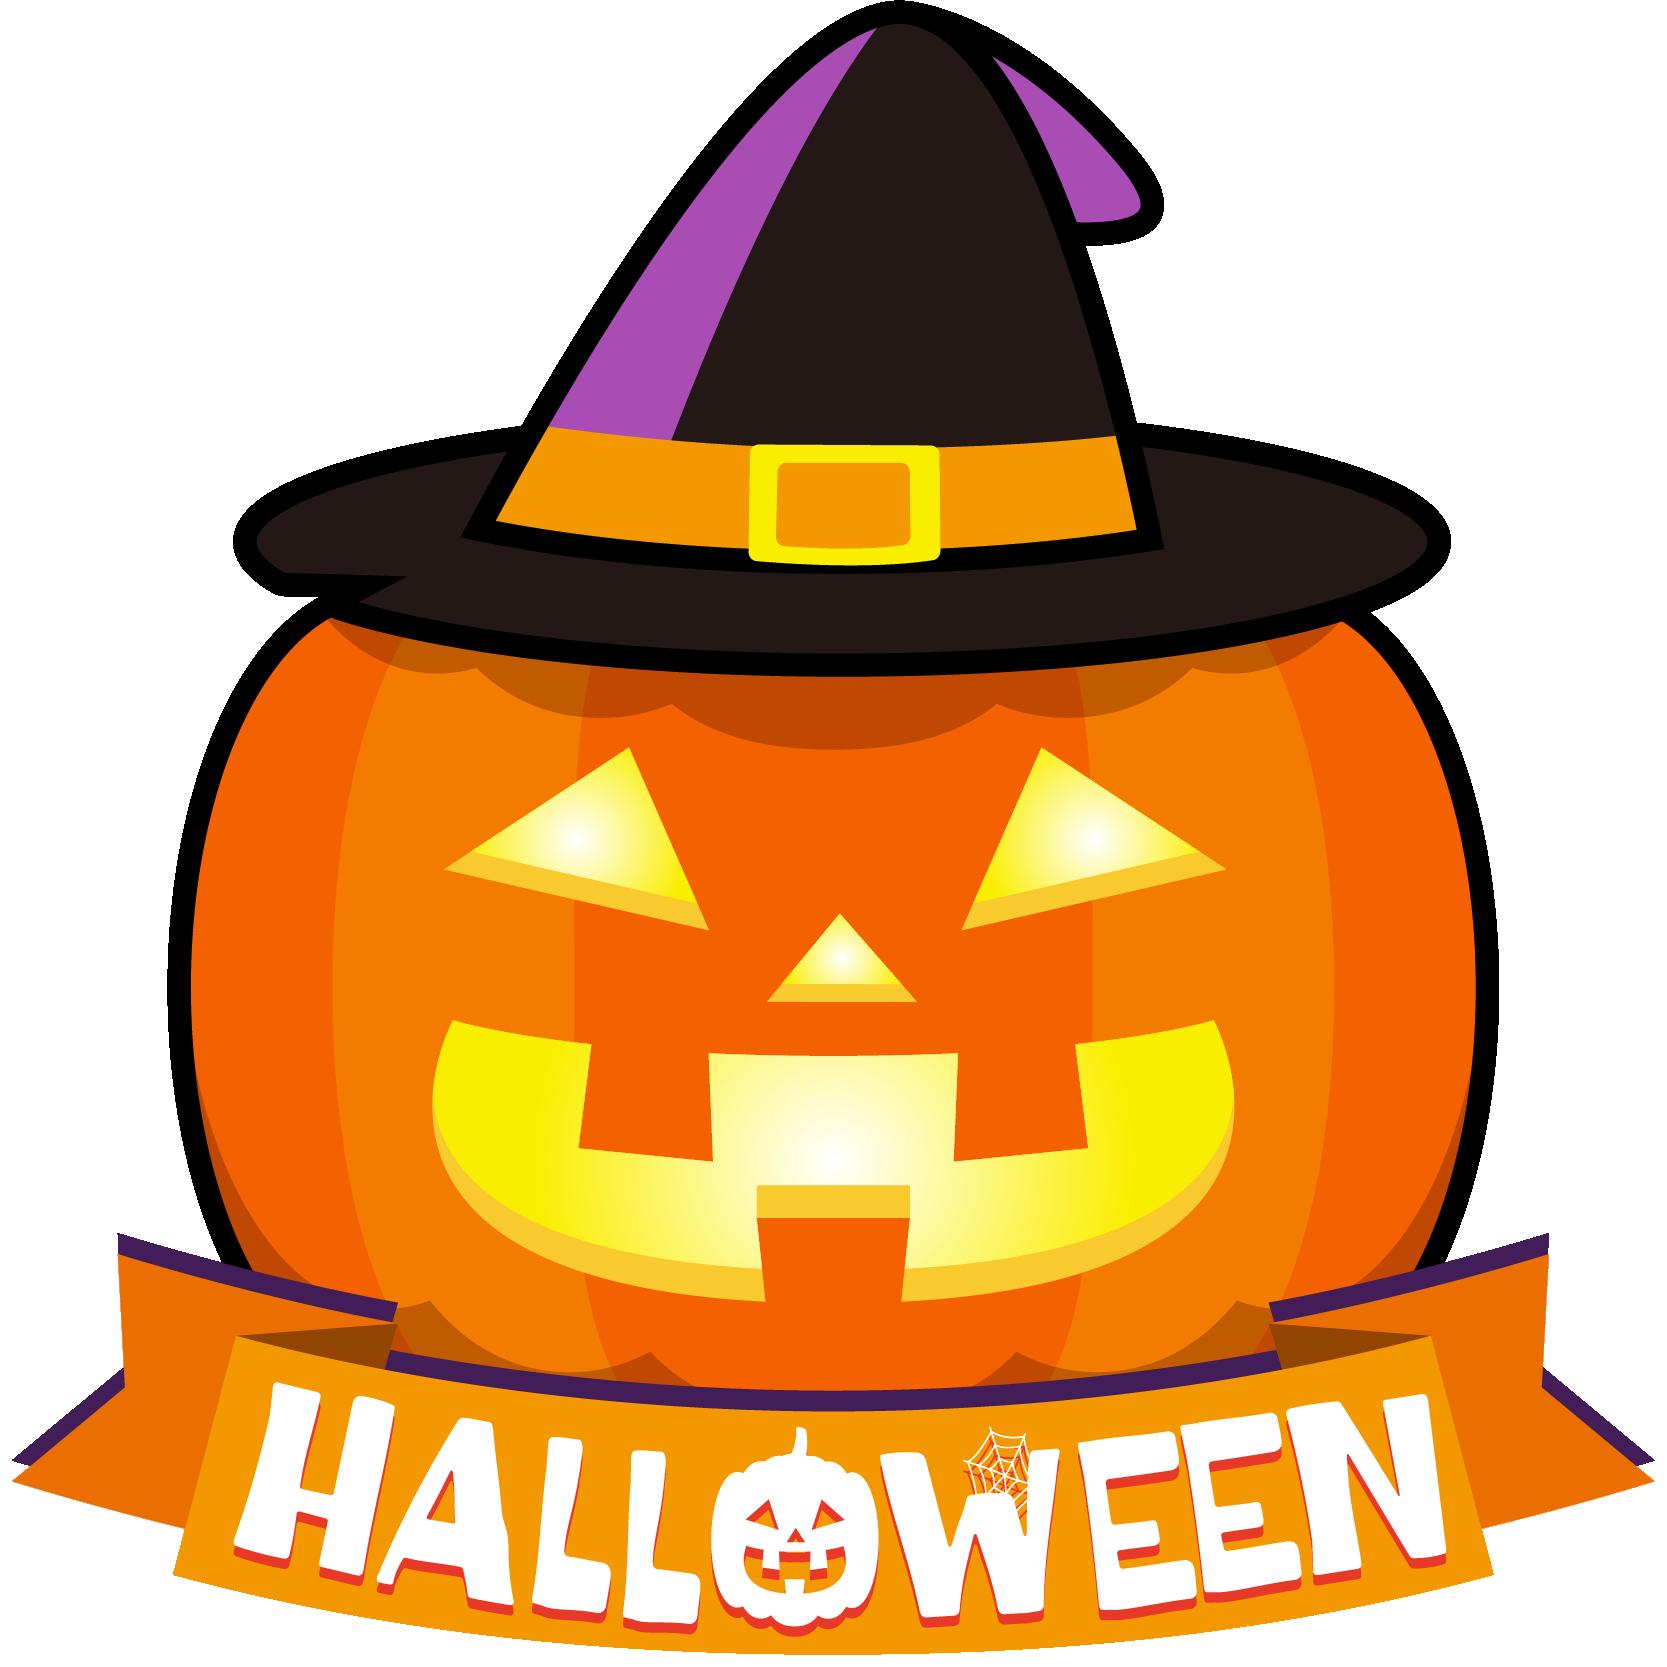 商用フリーイラスト_無料_10月_ハロウィン_かぼちゃ_ジャックオーランタン頭_コスプレ_halloween_オーナメント